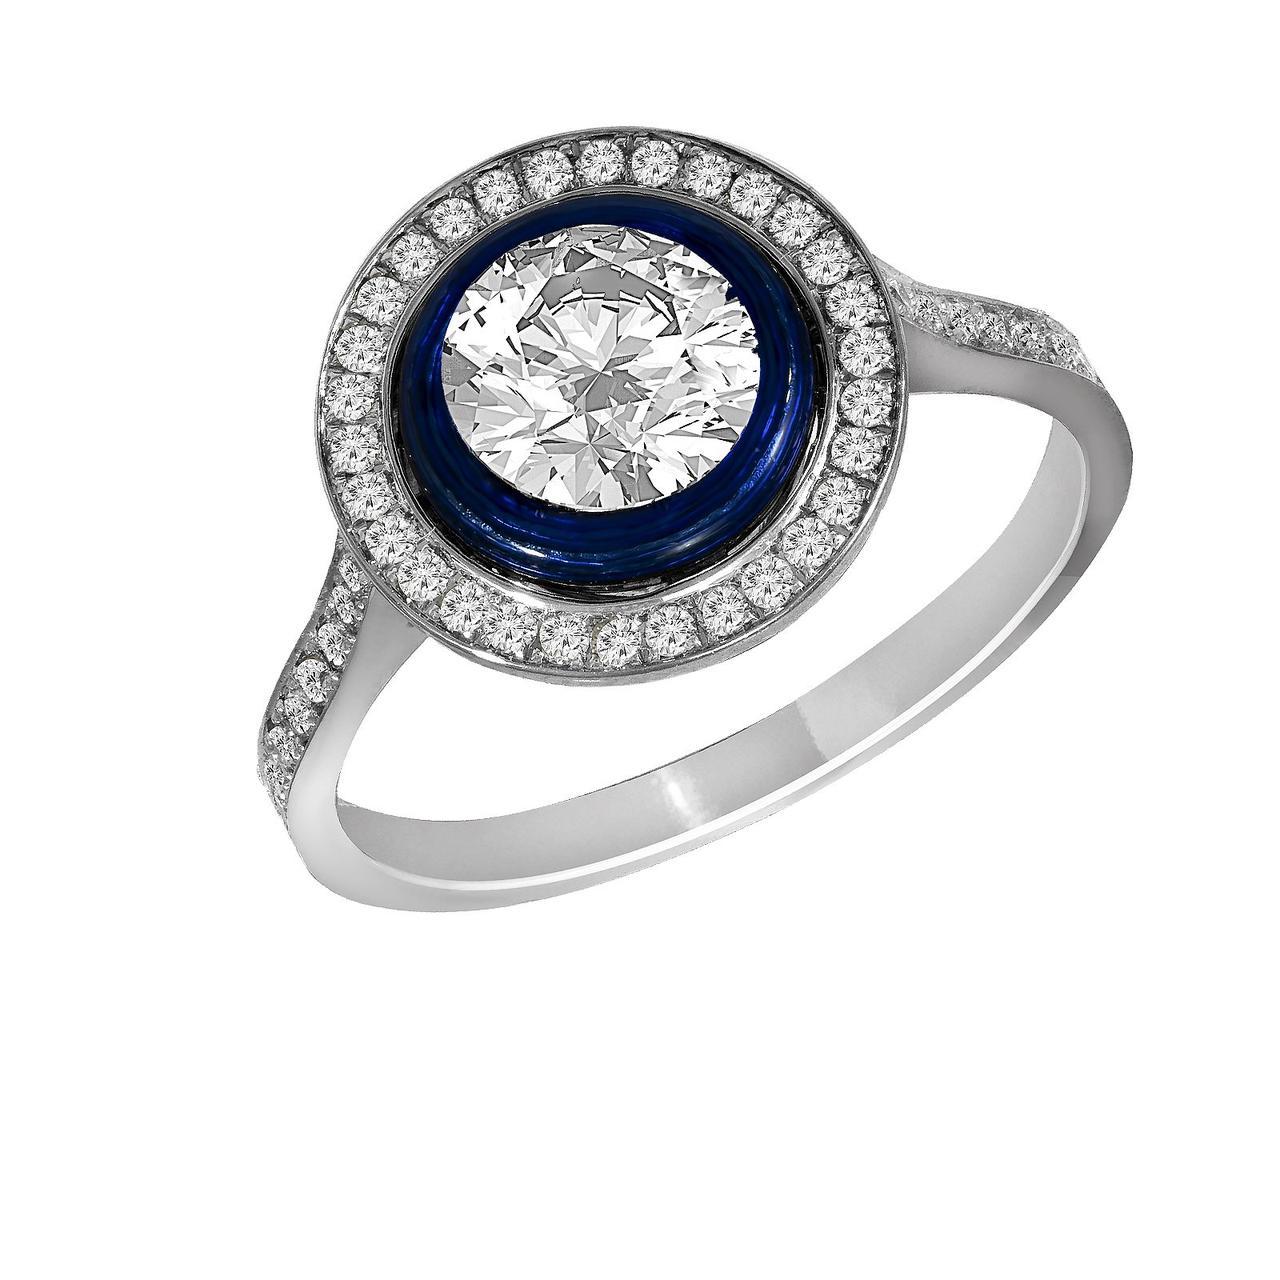 Золотое кольцо с бриллиантами, размер 17.5 (1606654)